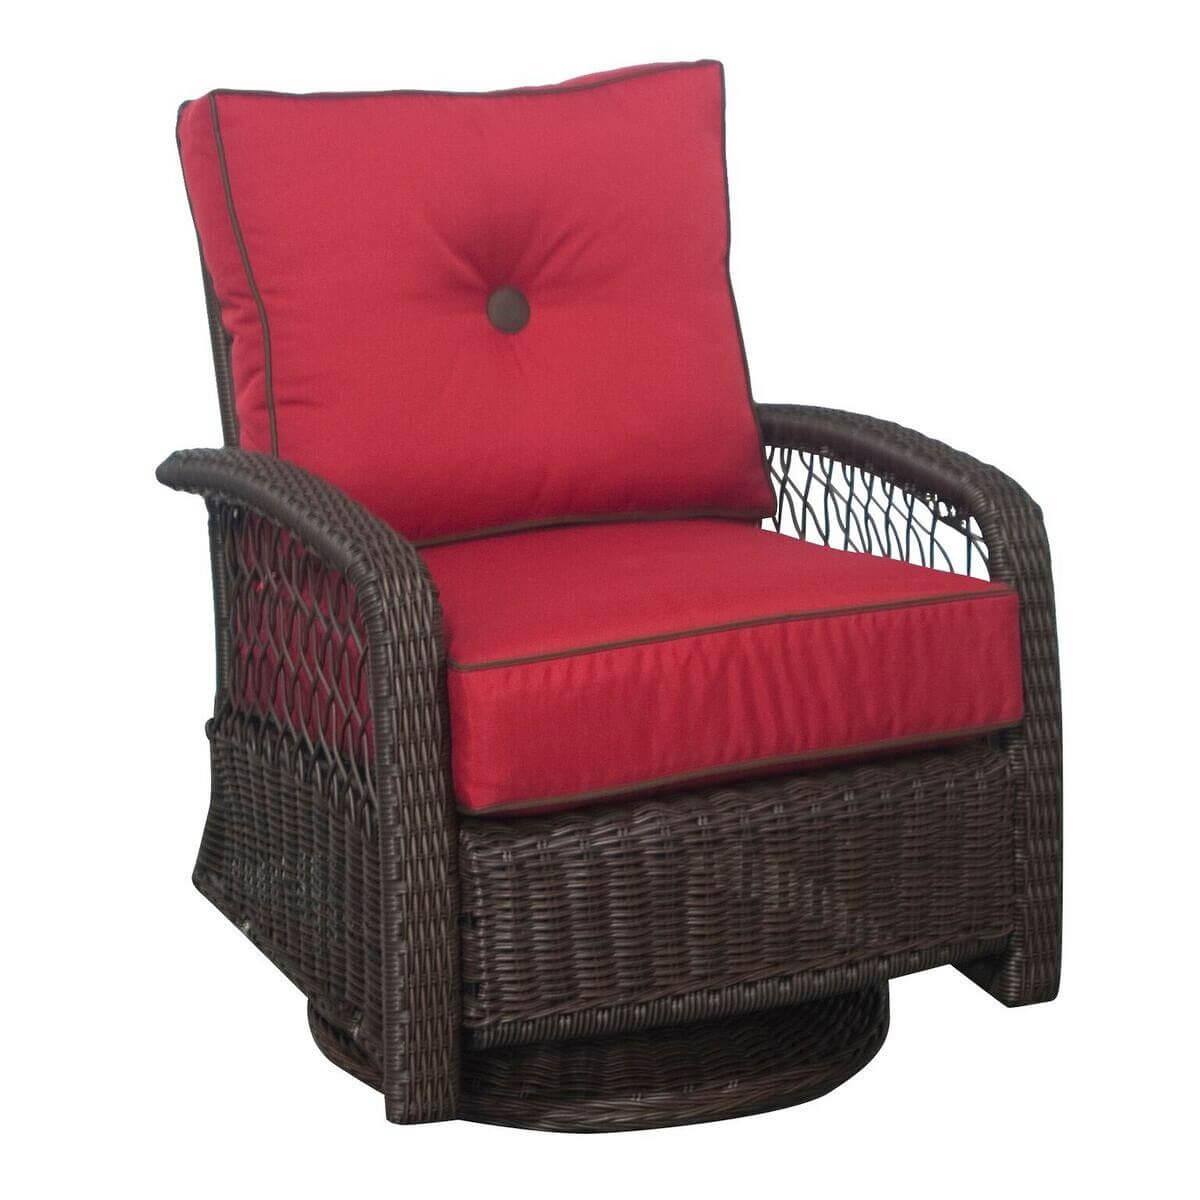 Beacon Outdoor Patio Furniture Swivel Glider   PatioHQ